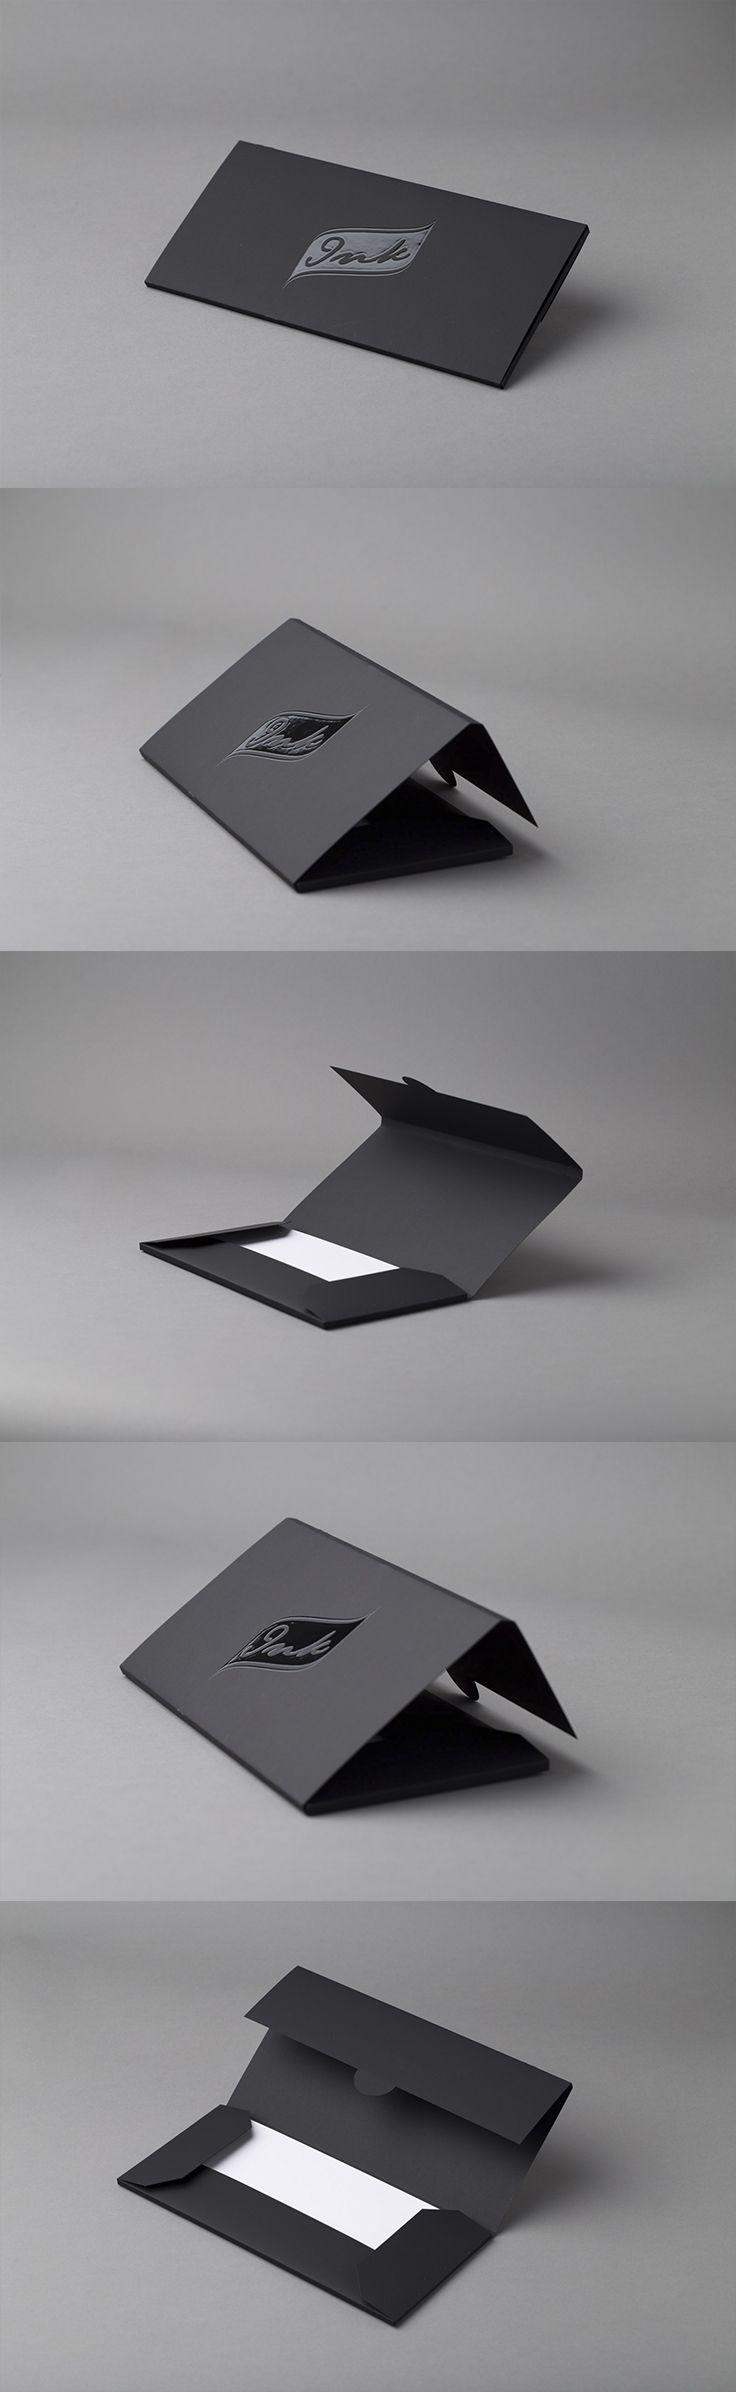 INK konvolutt emballasje. Curious Skin papir med spottlakk på logo. #emballasje